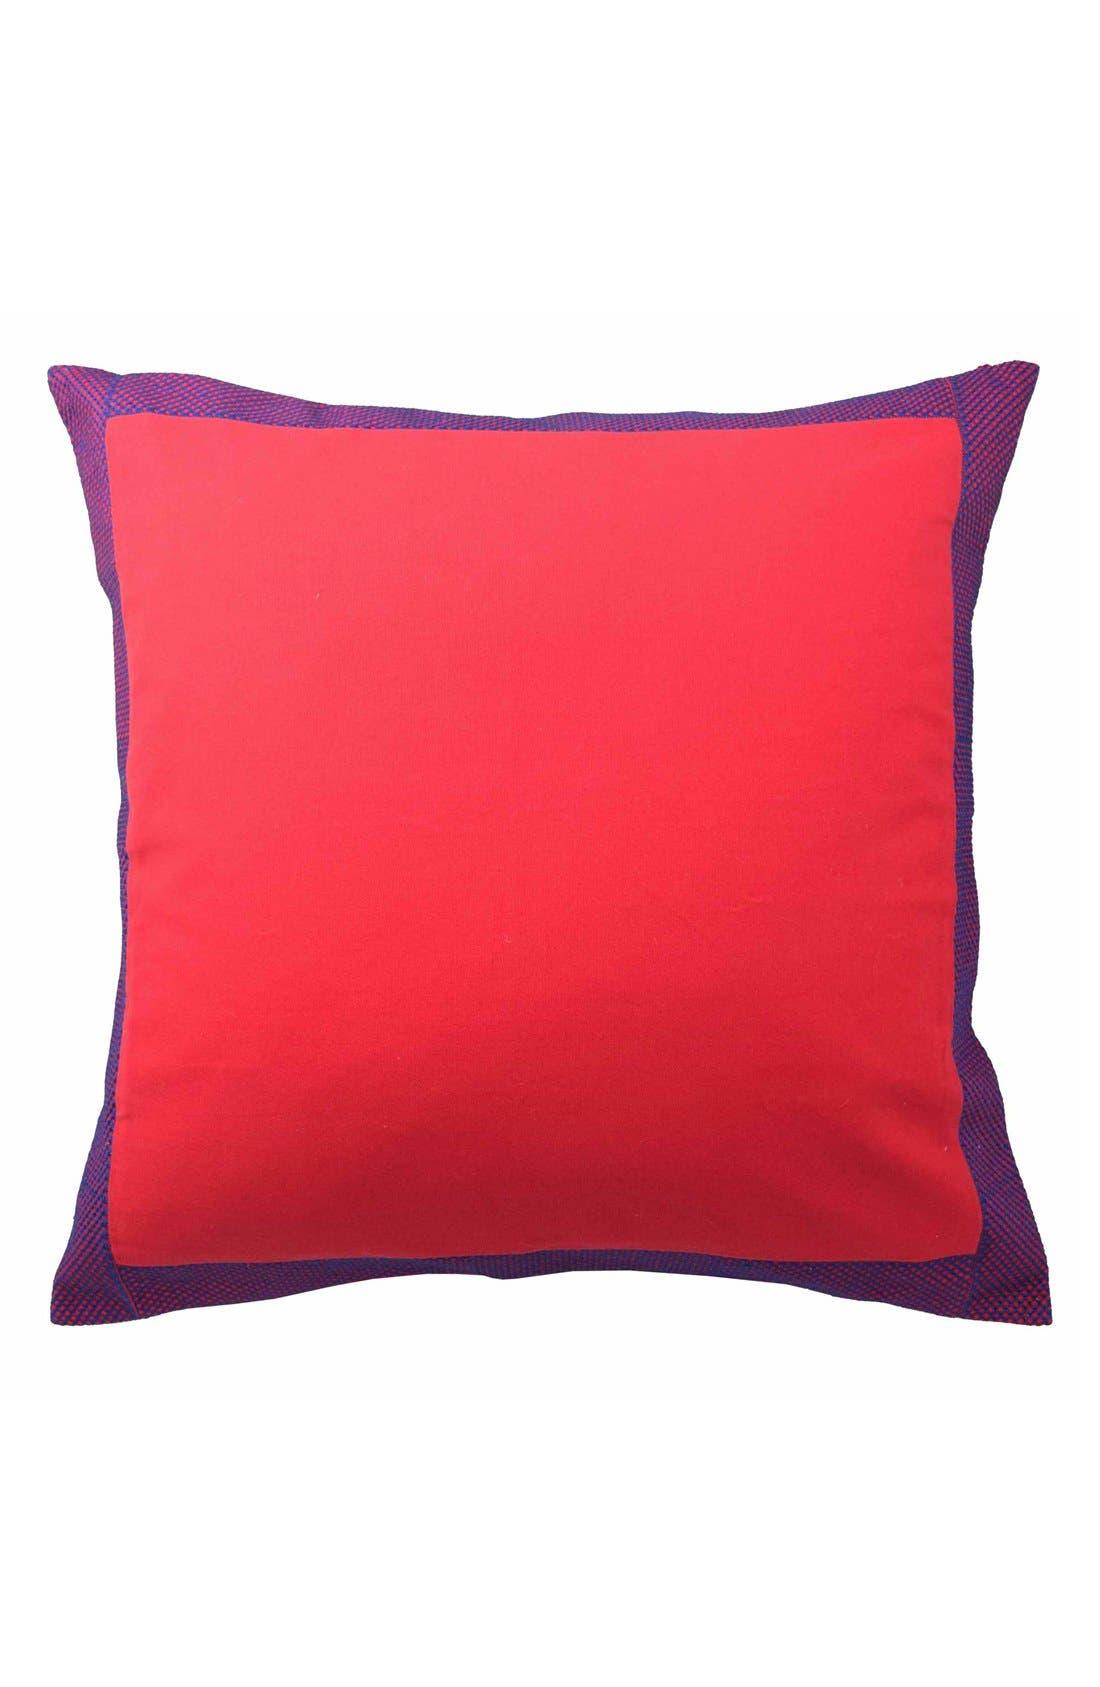 'Tanzania Kira' Euro Sham,                             Main thumbnail 1, color,                             Red